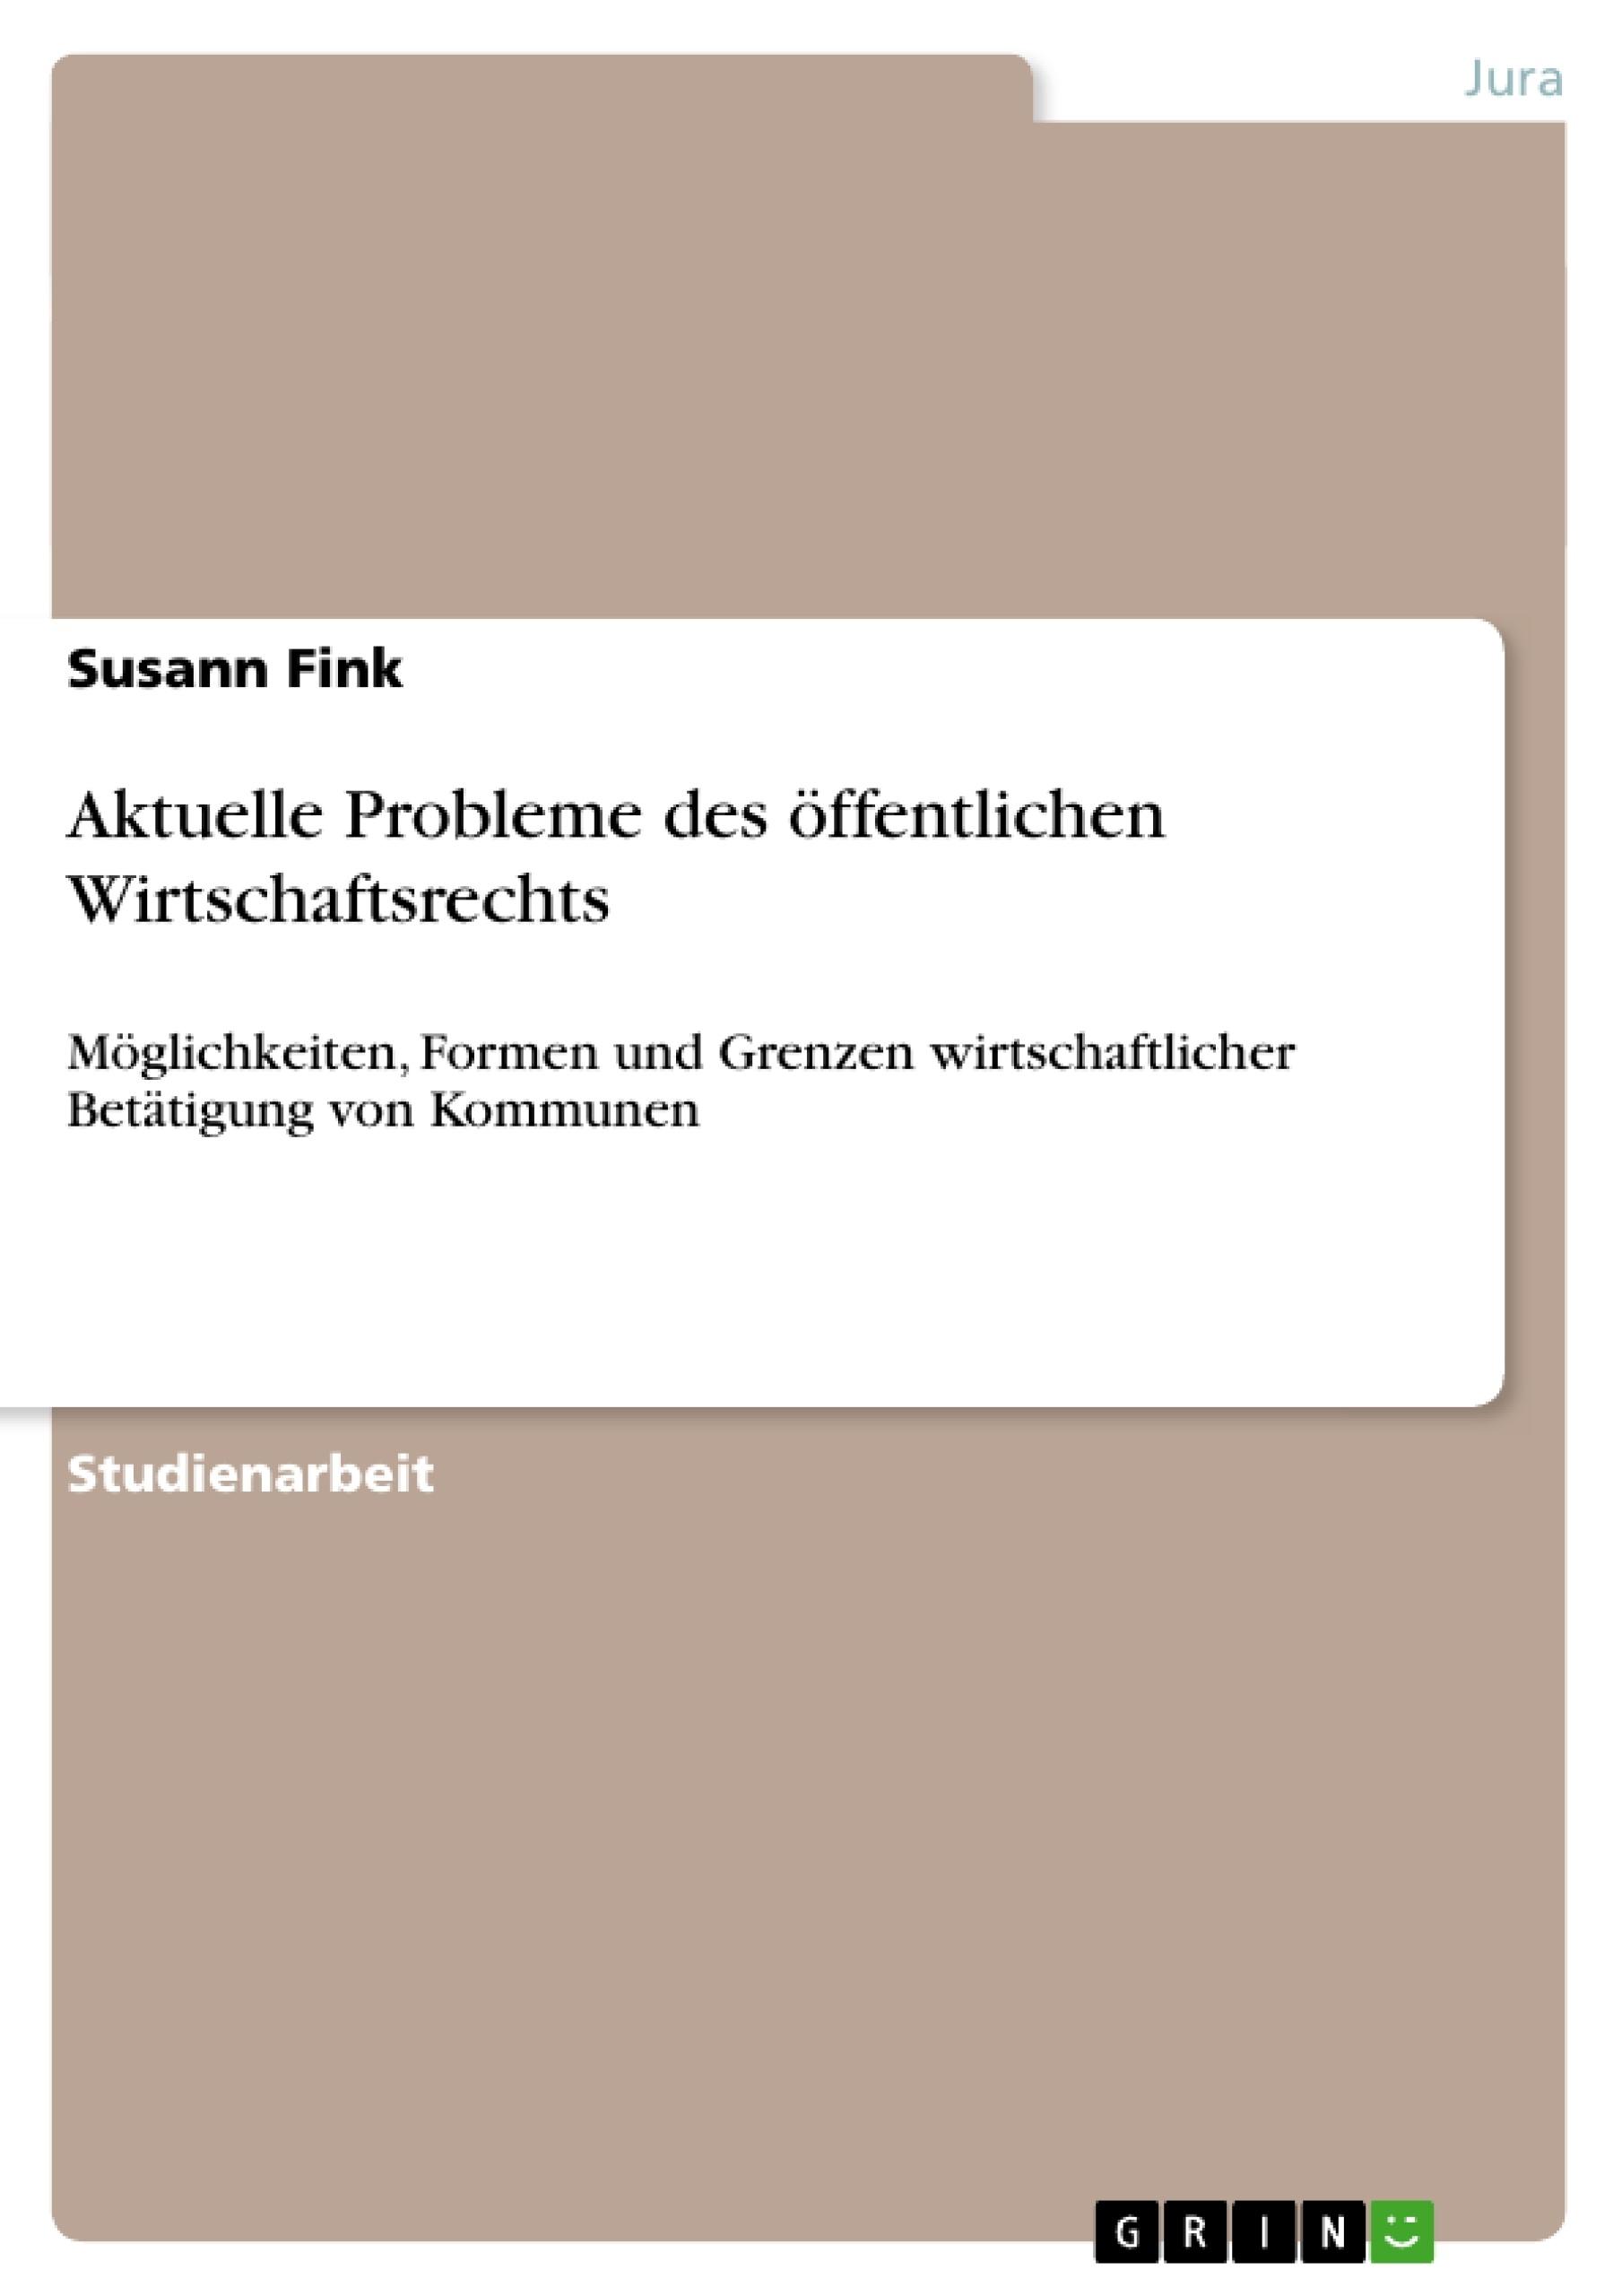 Titel: Aktuelle Probleme des  öffentlichen Wirtschaftsrechts